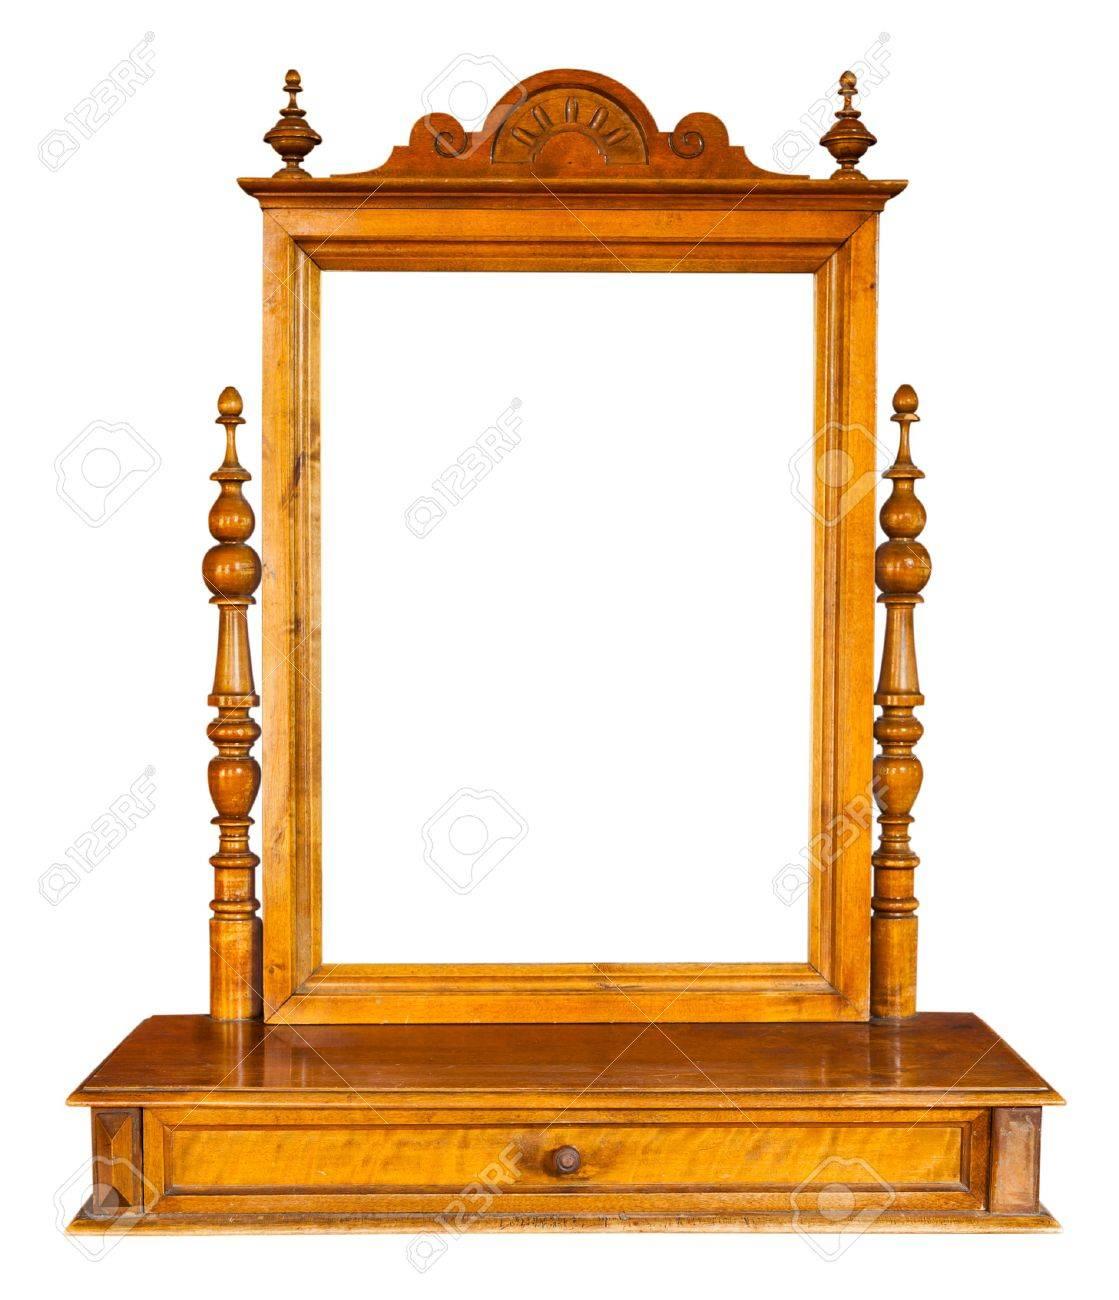 Spiegel Voor Op Kaptafel.Vintage Houten Spiegel En Een Kaptafel Geisoleerde Royalty Vrije